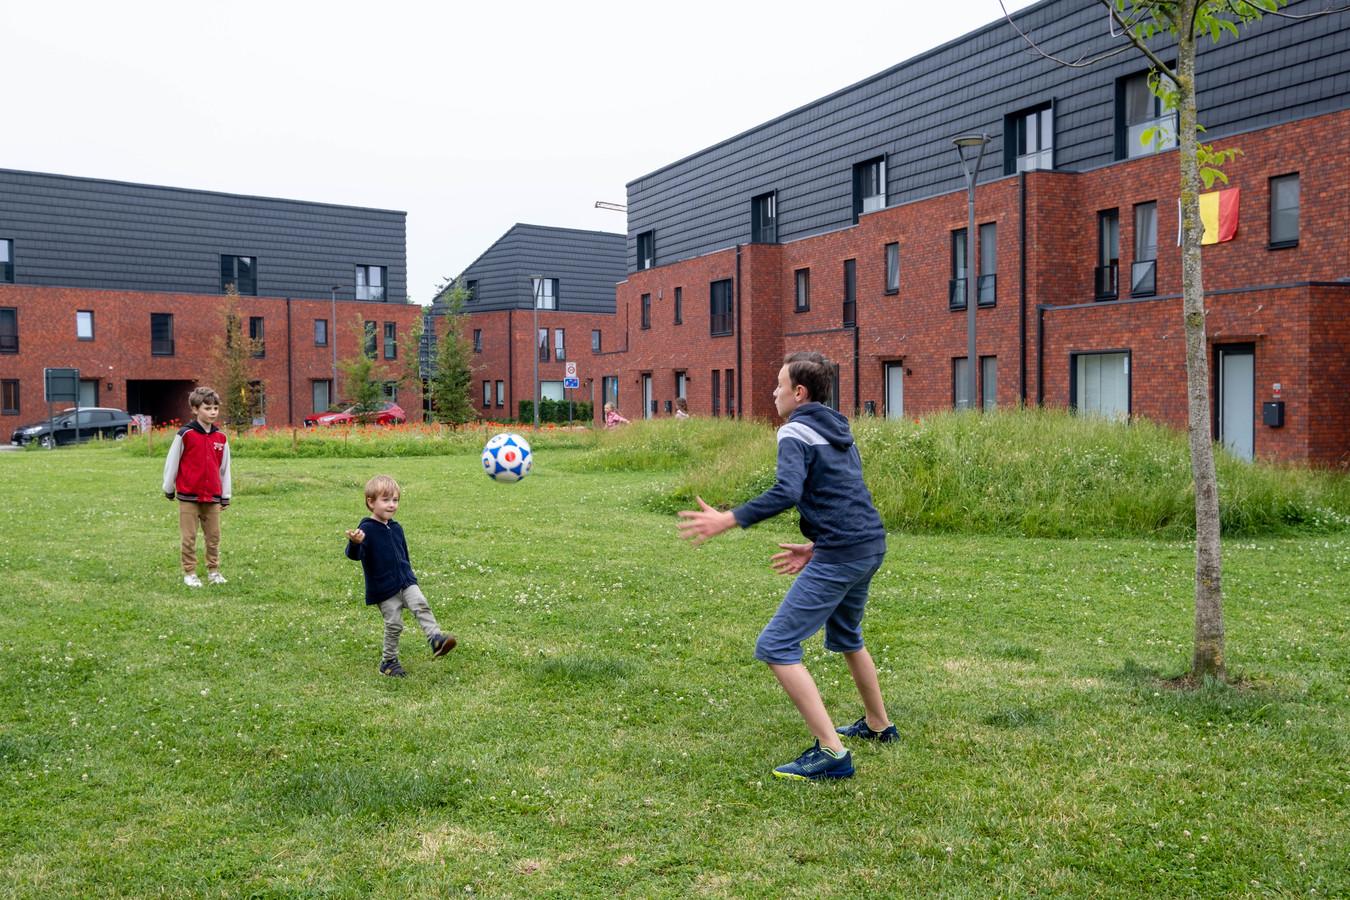 Woonsite De Nayer in Willebroek, waar recent nog zorgeloos werd gespeeld op de grasvelden.